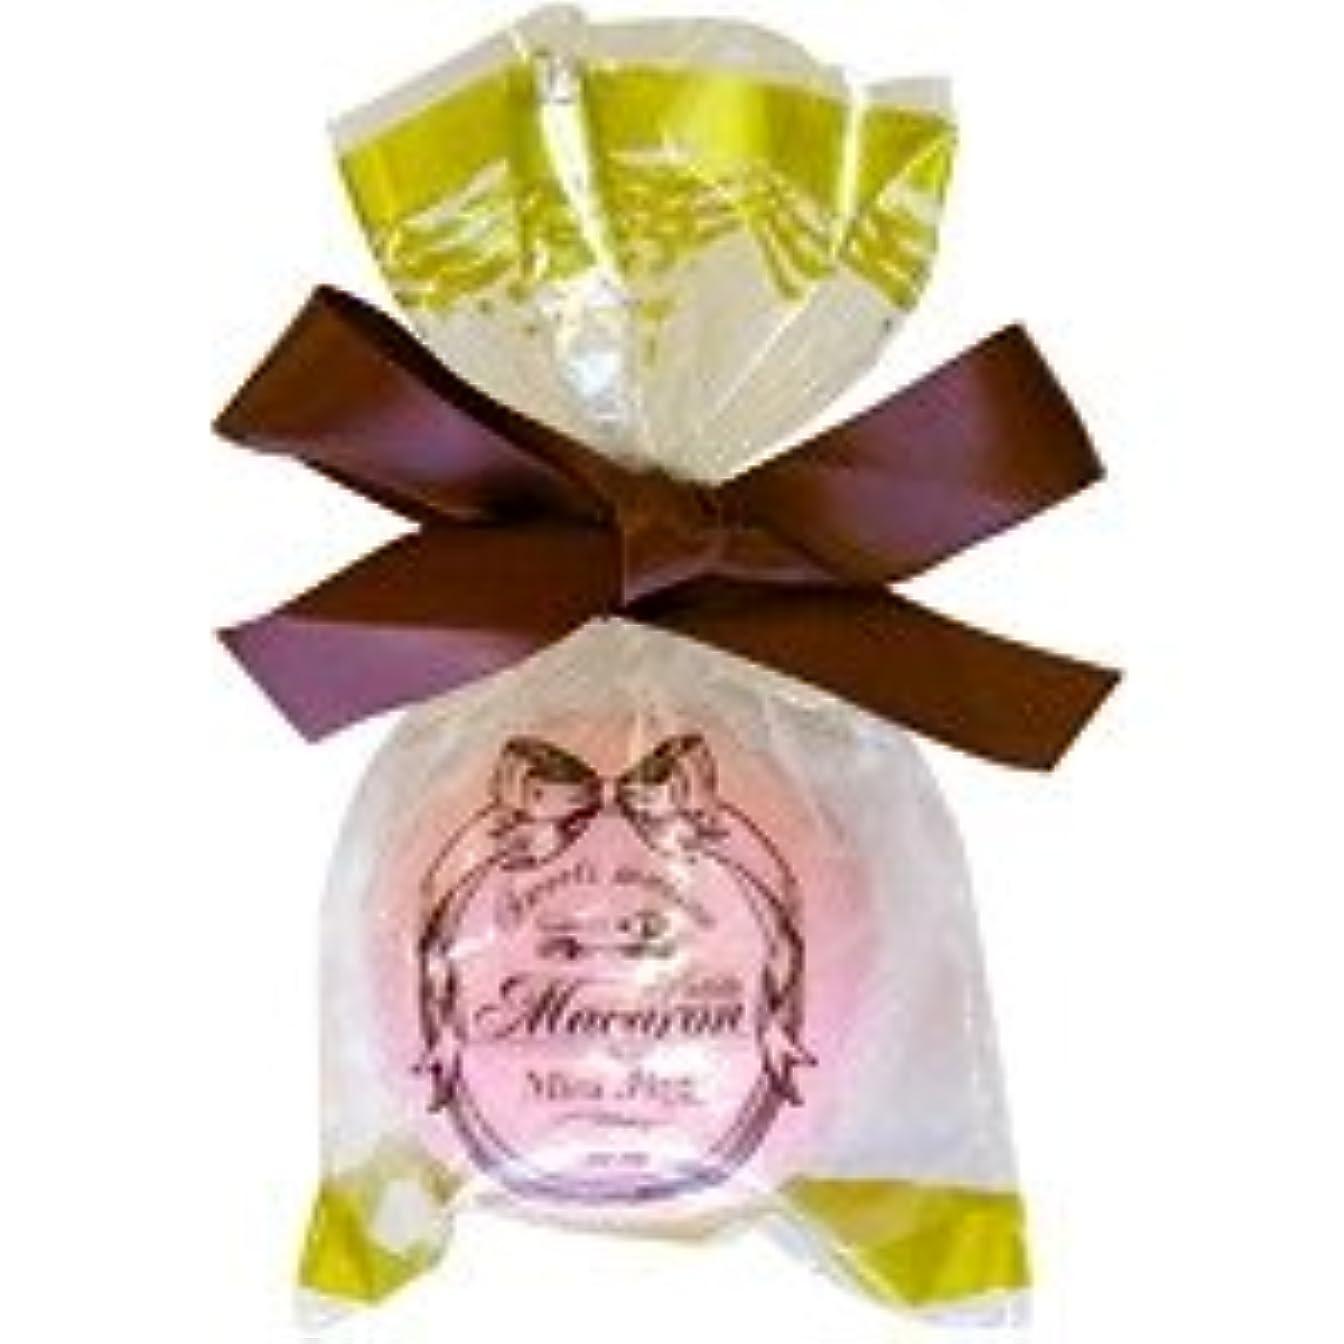 不調和エロチック卒業記念アルバムスウィーツメゾン プチマカロンフィズ「ピンク」12個セット 甘酸っぱいラズベリーの香り